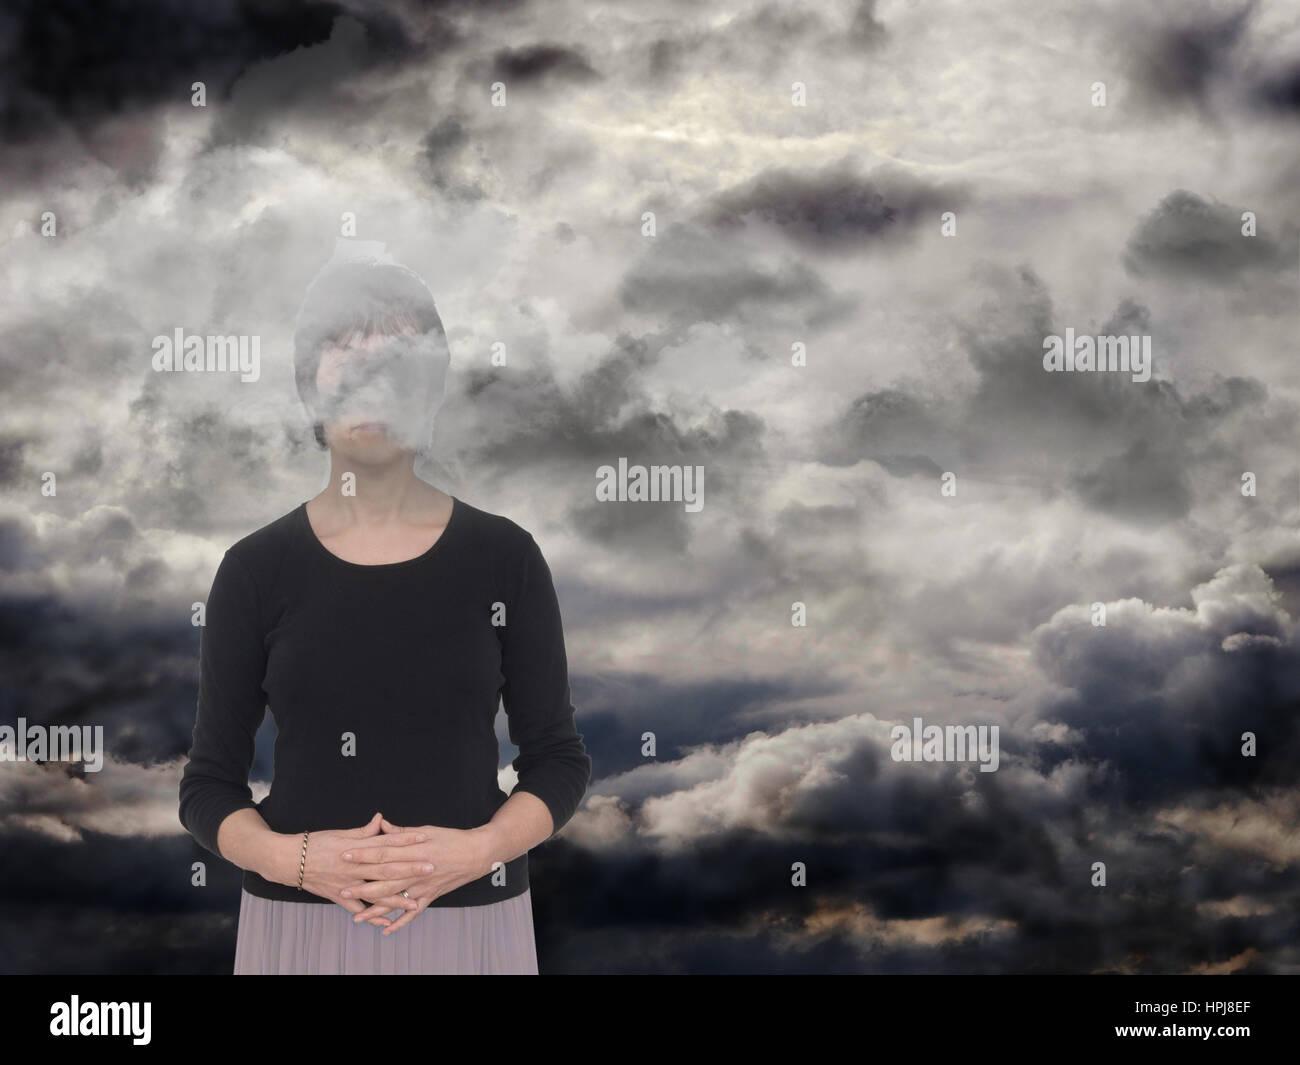 Femme dans un espace sombre, des nuages gris. La dépression, l'anxiété concept, métaphore. Photo Stock